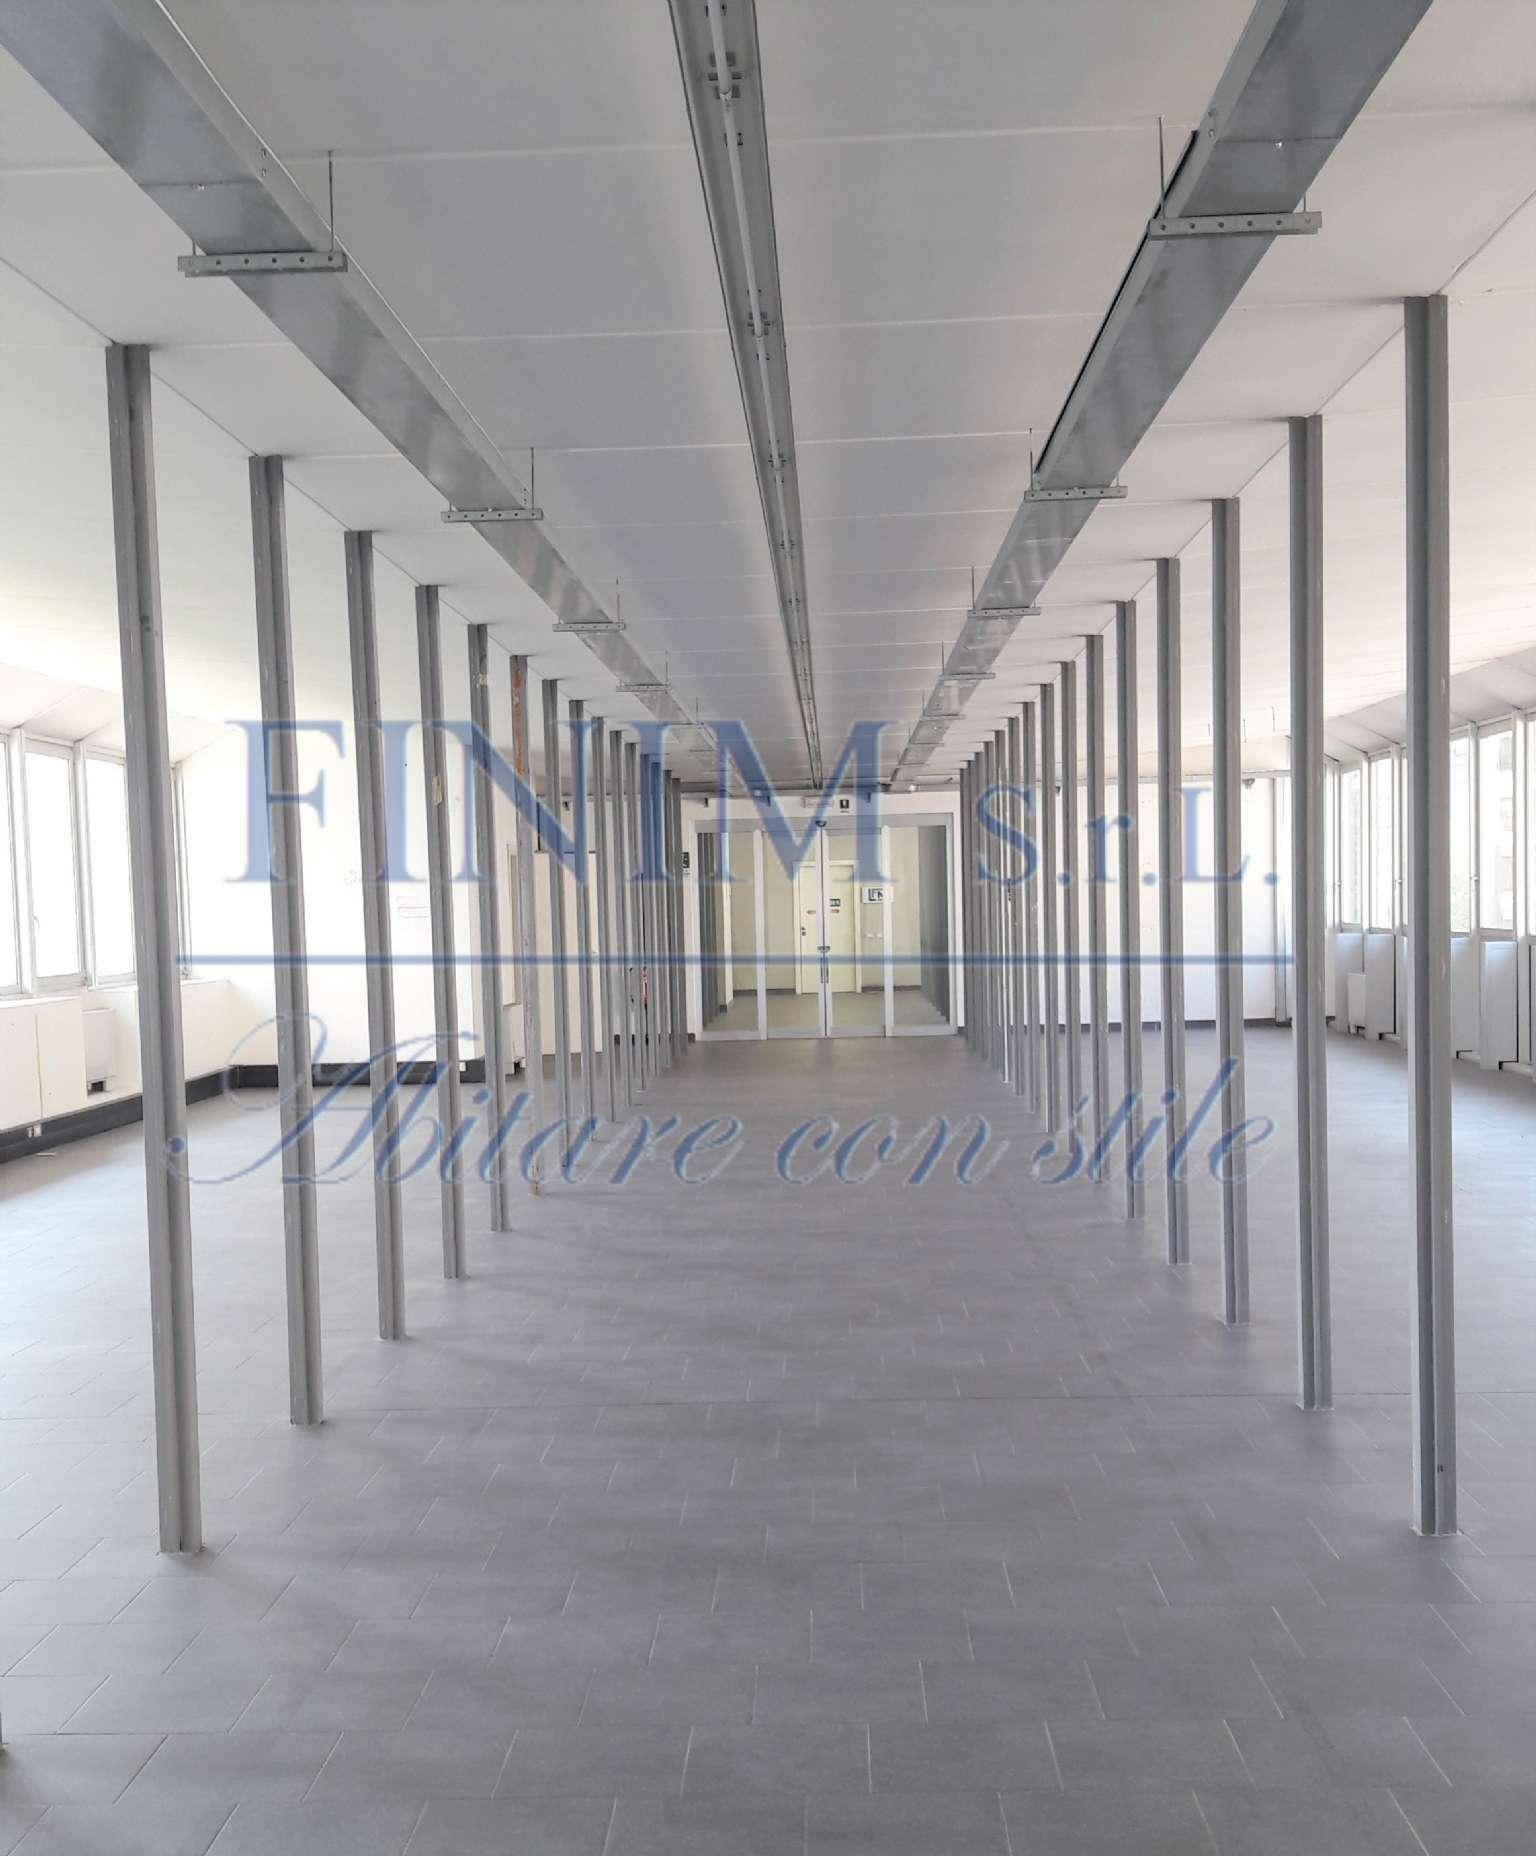 Ufficio-studio in Affitto a Milano 07 Darsena /  Ticinese: 1 locali, 486 mq